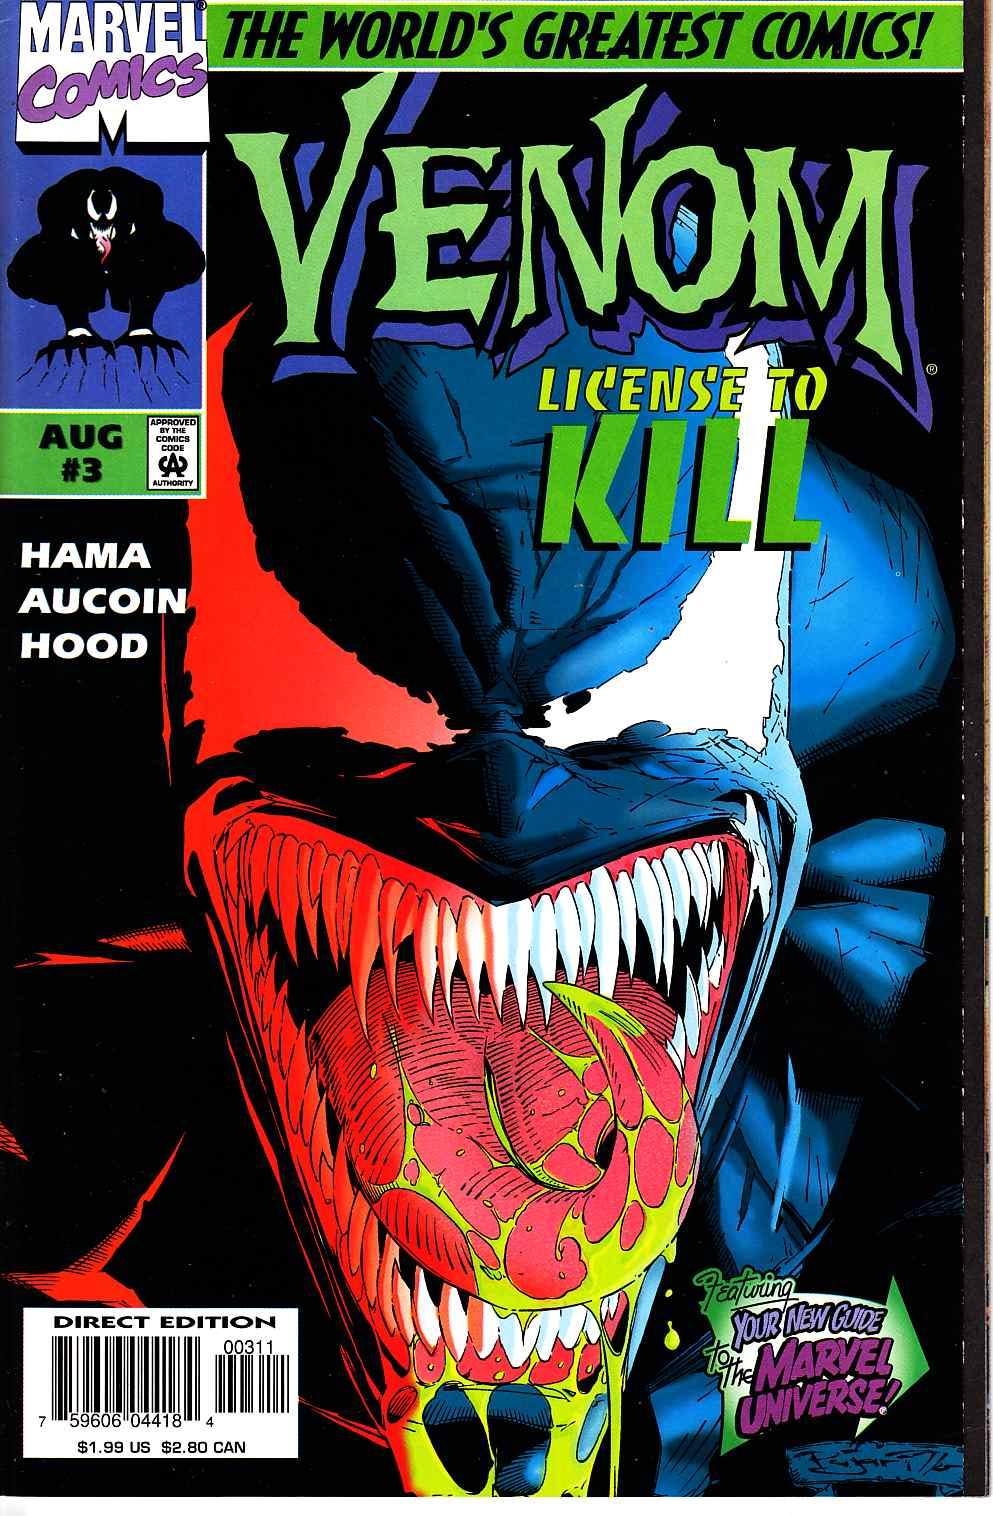 Venom License To Kill #3 [Marvel Comic]